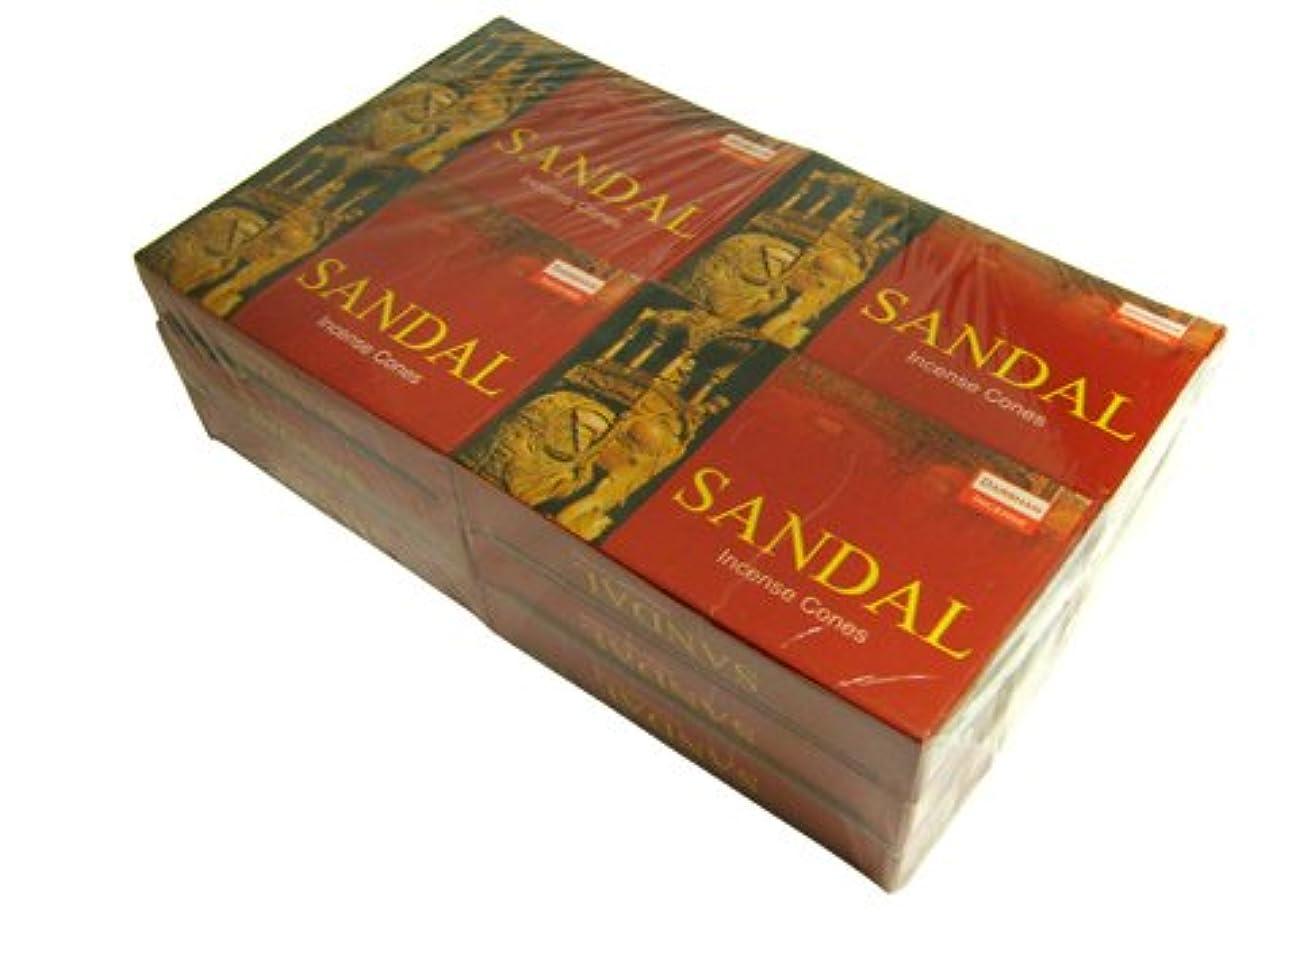 評価する集める飢饉DARSHAN(ダルシャン) サンダル香 コーンタイプ SANDAL CORN 12箱セット